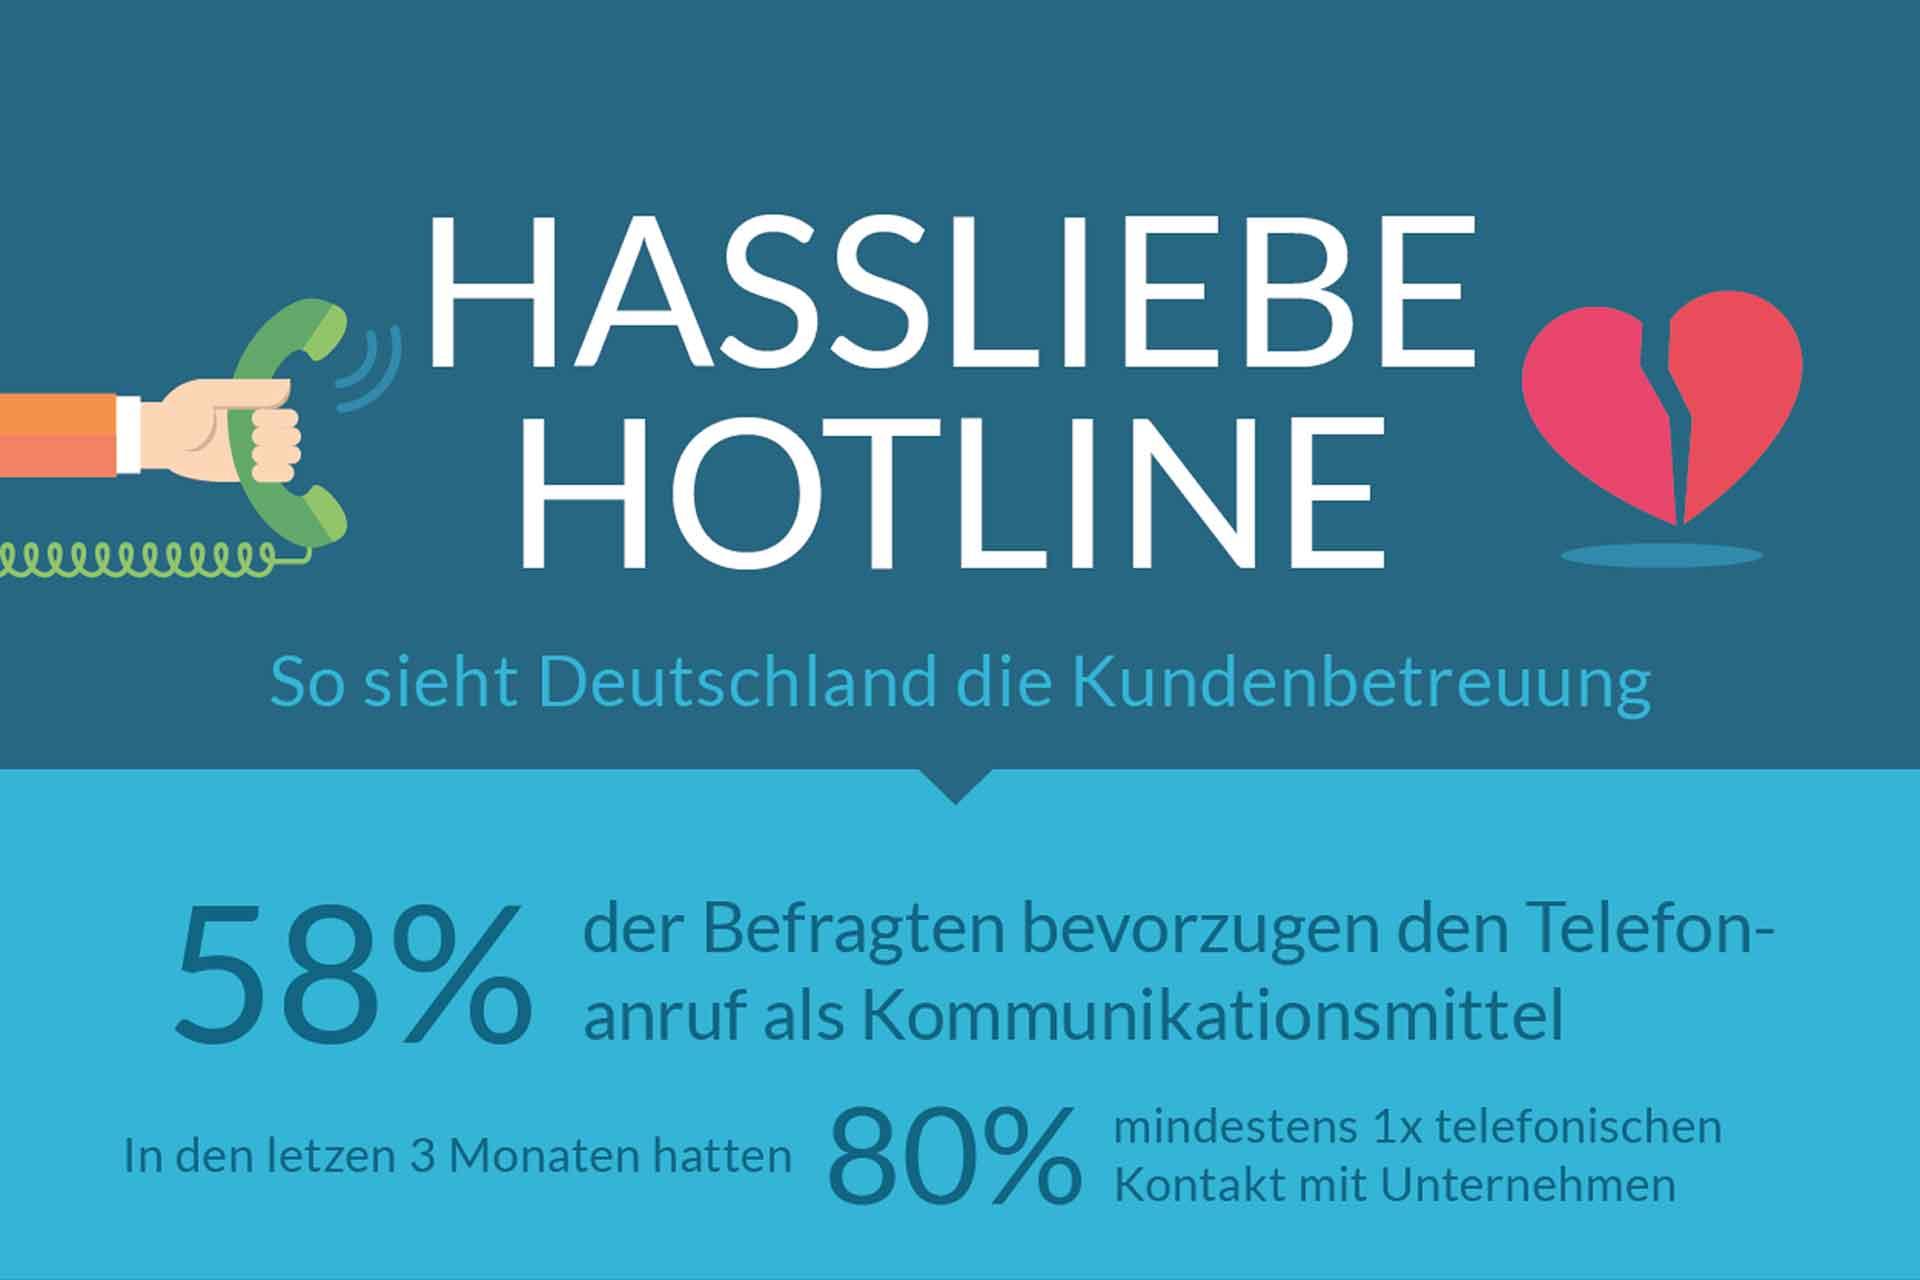 Hassliebe Hotline